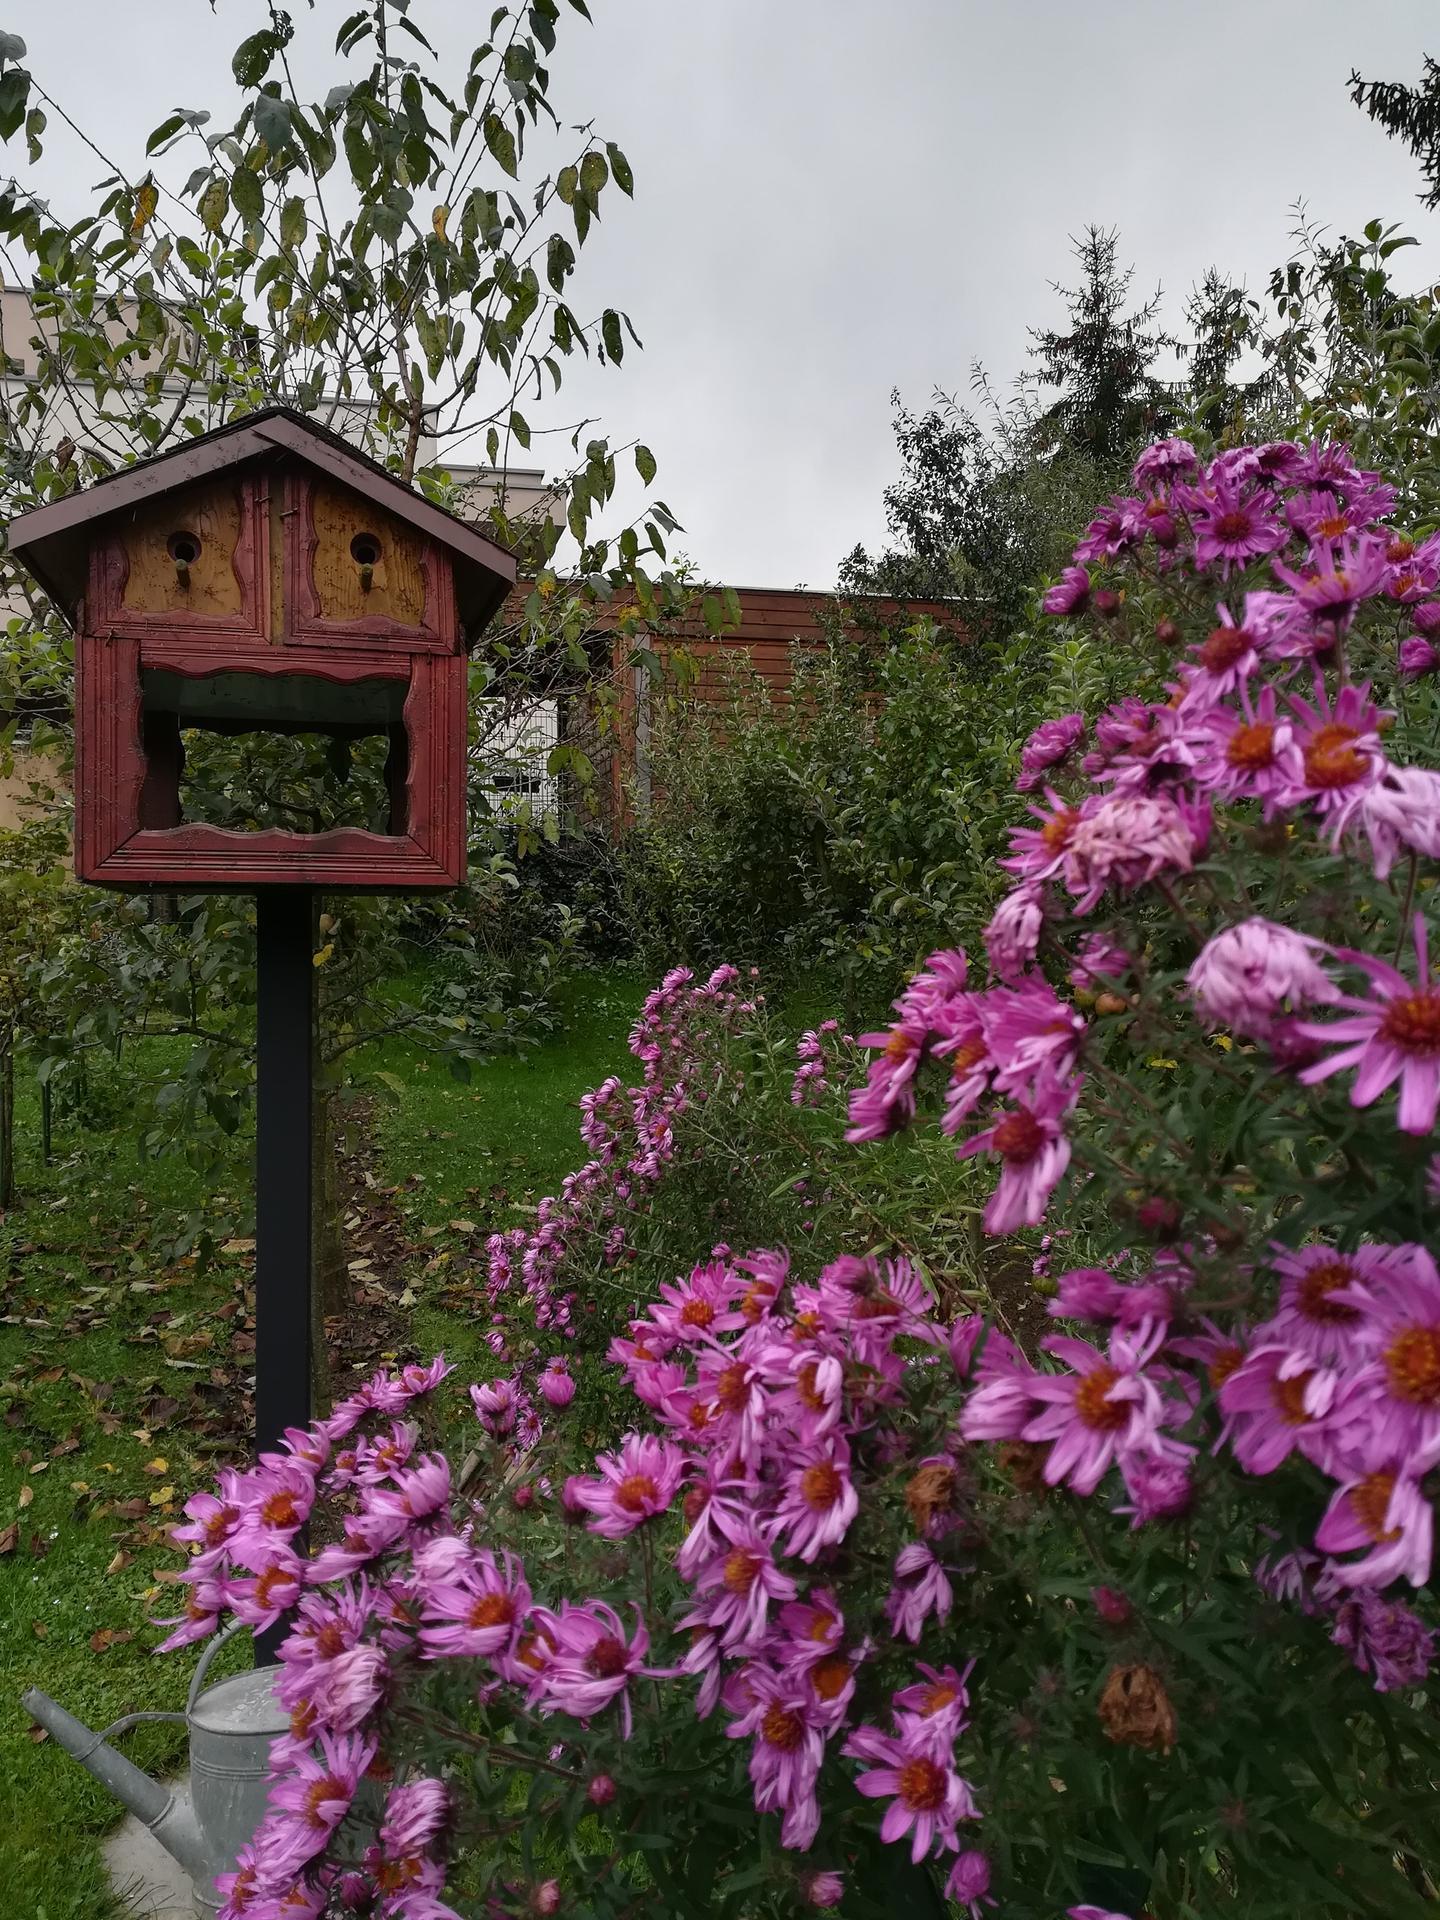 Pozdrav zo záhrady. - Obrázok č. 205